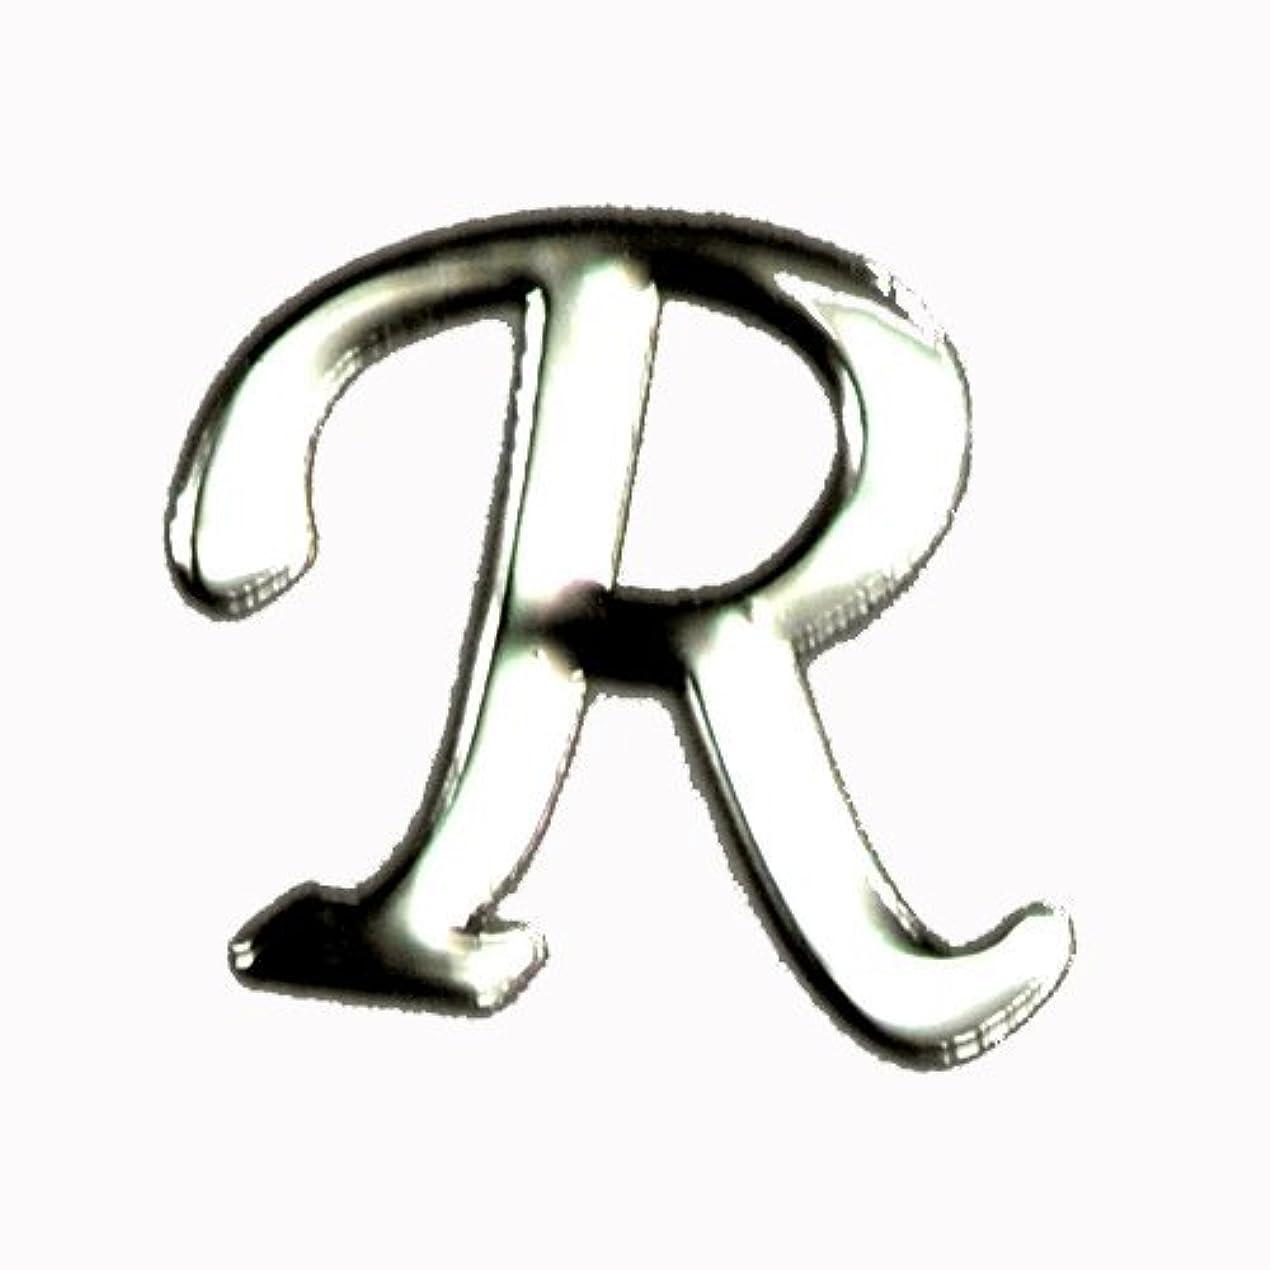 改修判決それによってアルファベット 薄型メタルパーツ 20枚 /片面仕上げ イニシャルパーツ SILVER (R / 5x6mm)